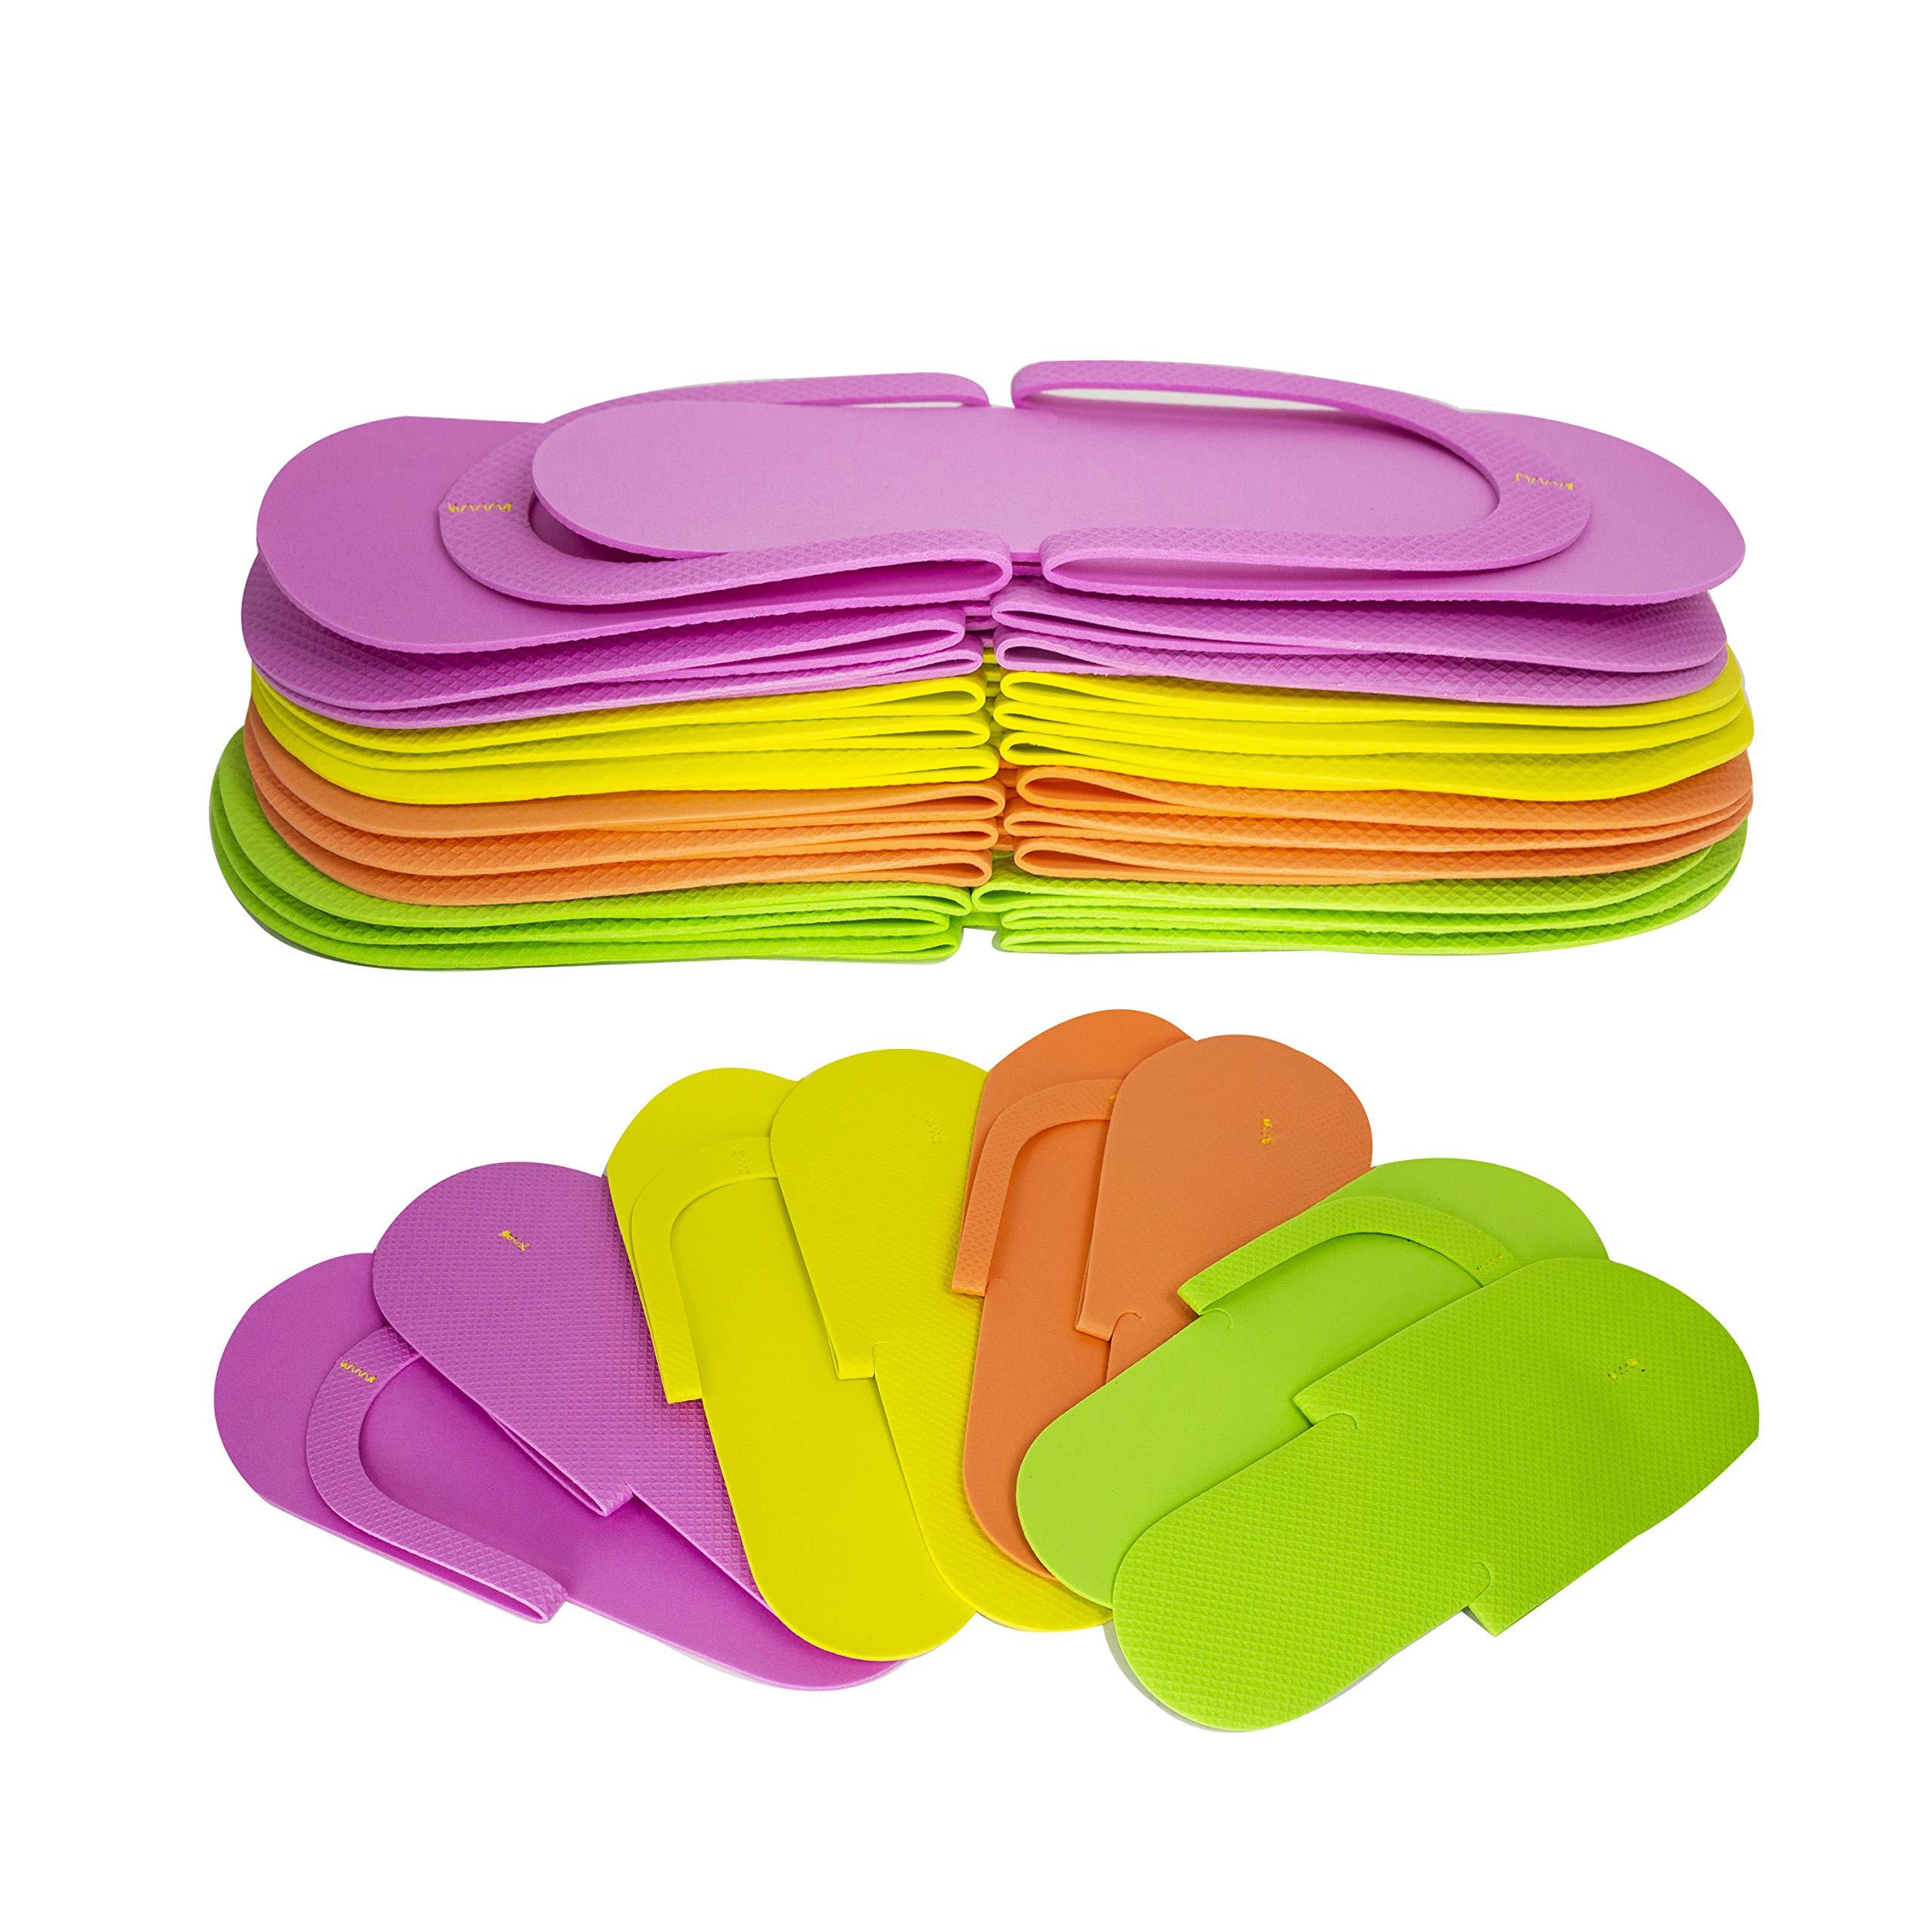 JOVANA 24 Pair Disposable Foam Pedicure Slippers Multi Color Flip Flop Salon Nail Spa